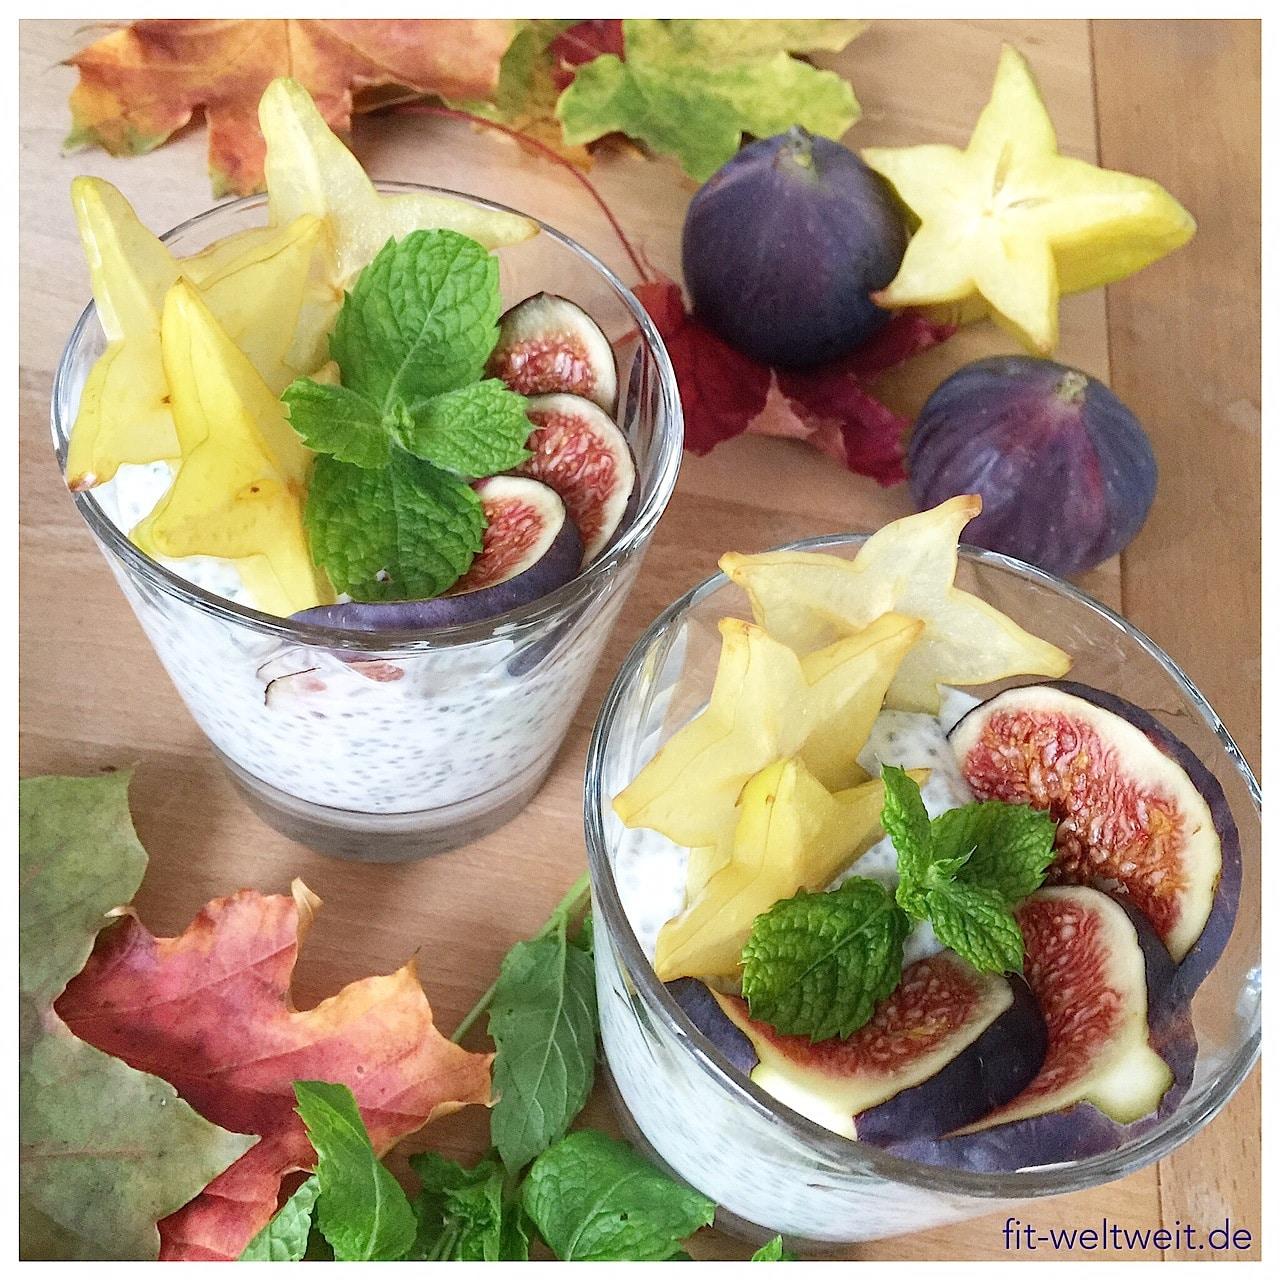 CHIA PUDDING #chiasamen #chiarezepte #chia #rezepte #vegan #proteine CHIA SAMEN Sie werden immer bekannter und es gibt sie im Supermarkt zu kaufen und jedem gut sortieren Bio-Laden. Kannst du ABNEHMEN MIT CHIA SAMEN? Abnehmen durch gesunde Fette? Chia Rezepte mit Chiasamen, Chiawasser mit Zitrone, die gesunde Wirkung von Chia Samen, Chia Rezepte zum Frühstück oder fürs Büro. Wo kannst du Chia Samen kaufen? Besser Bio Chiasamen wählen? Alles Wissenswerte über Chia Samen gibt es auf dem Blog…